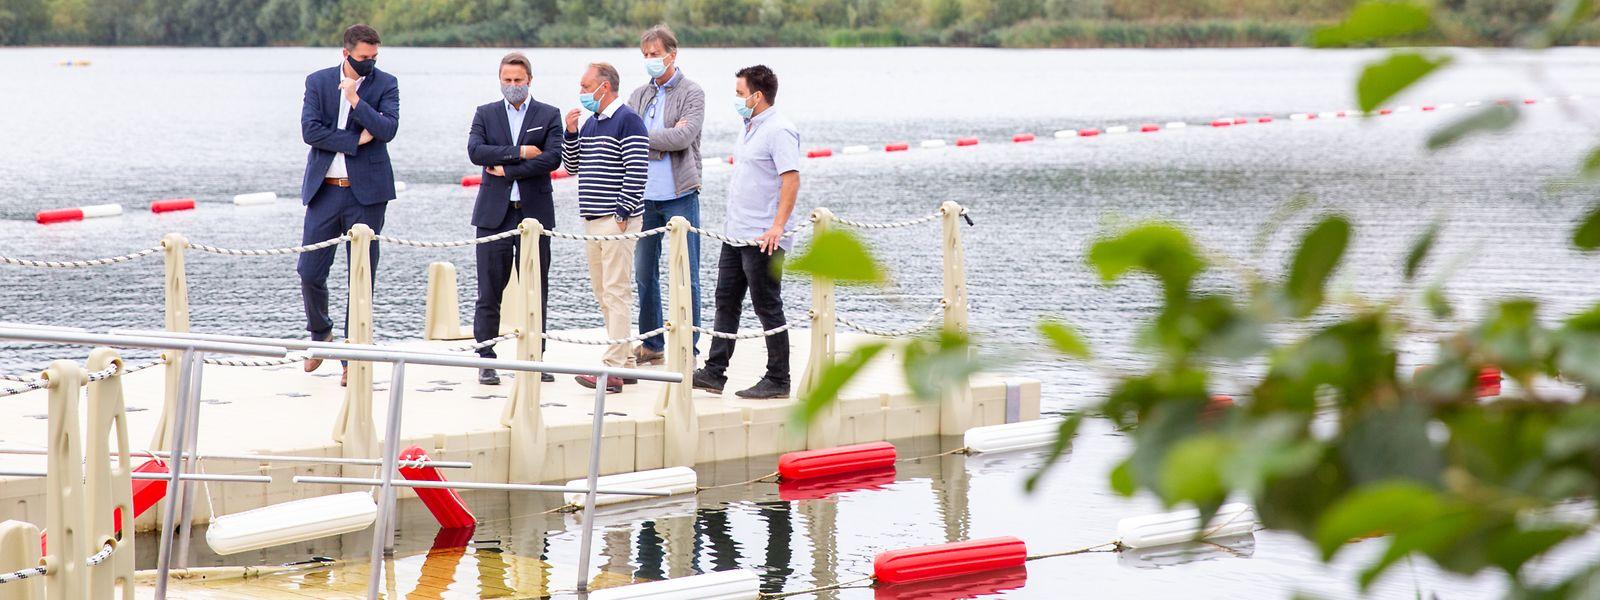 Tourismusminister Lex Delles und Premierminister Xavier Bettel besichtigen zusammen mit Vertretern der Vereinigung Erliefnis Baggerweier das Freizeitgebiet in Remerschen.